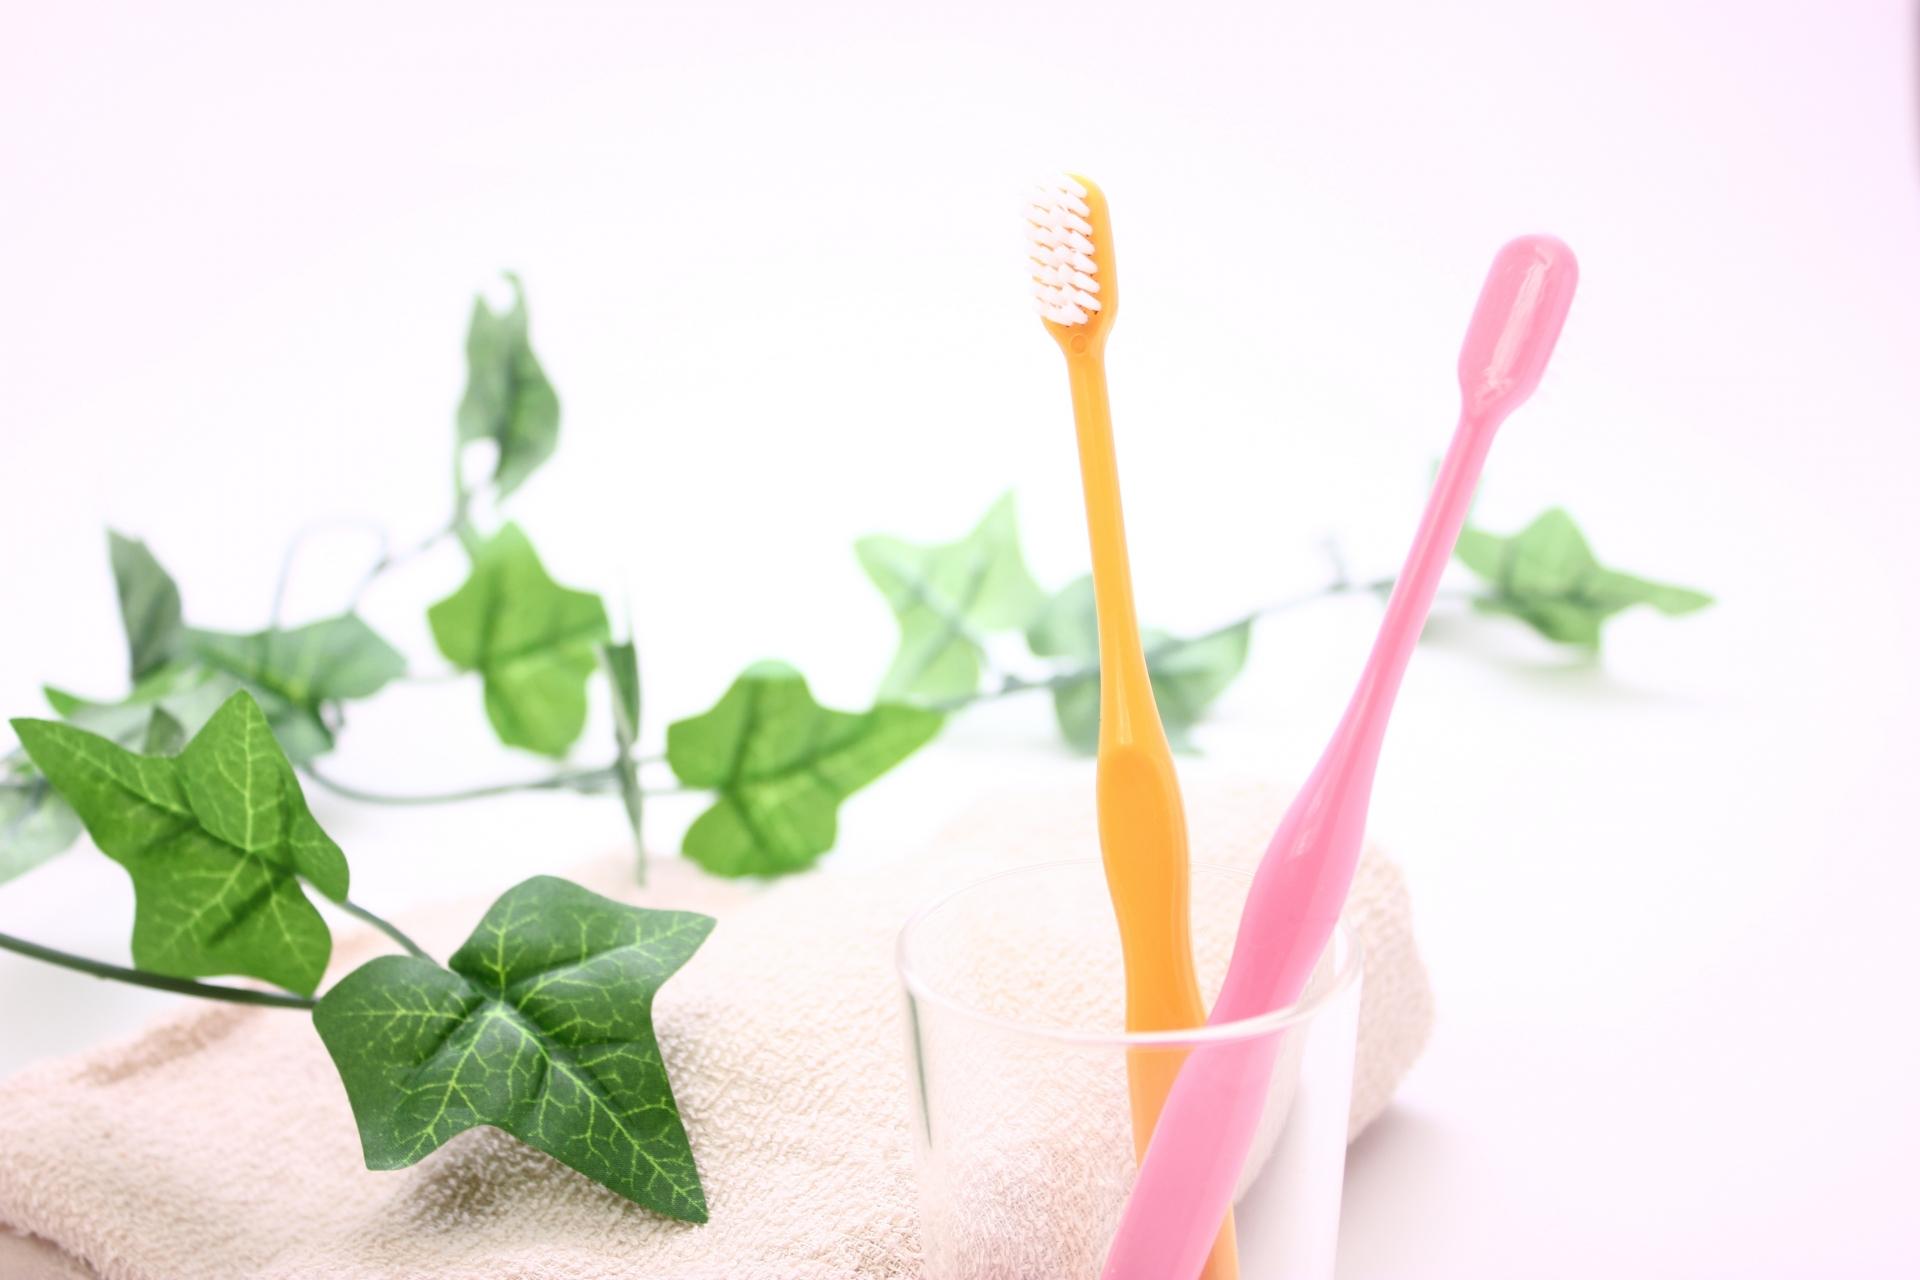 歯科衛生士が選ぶ、ホワイトニング効果がある歯磨き粉!